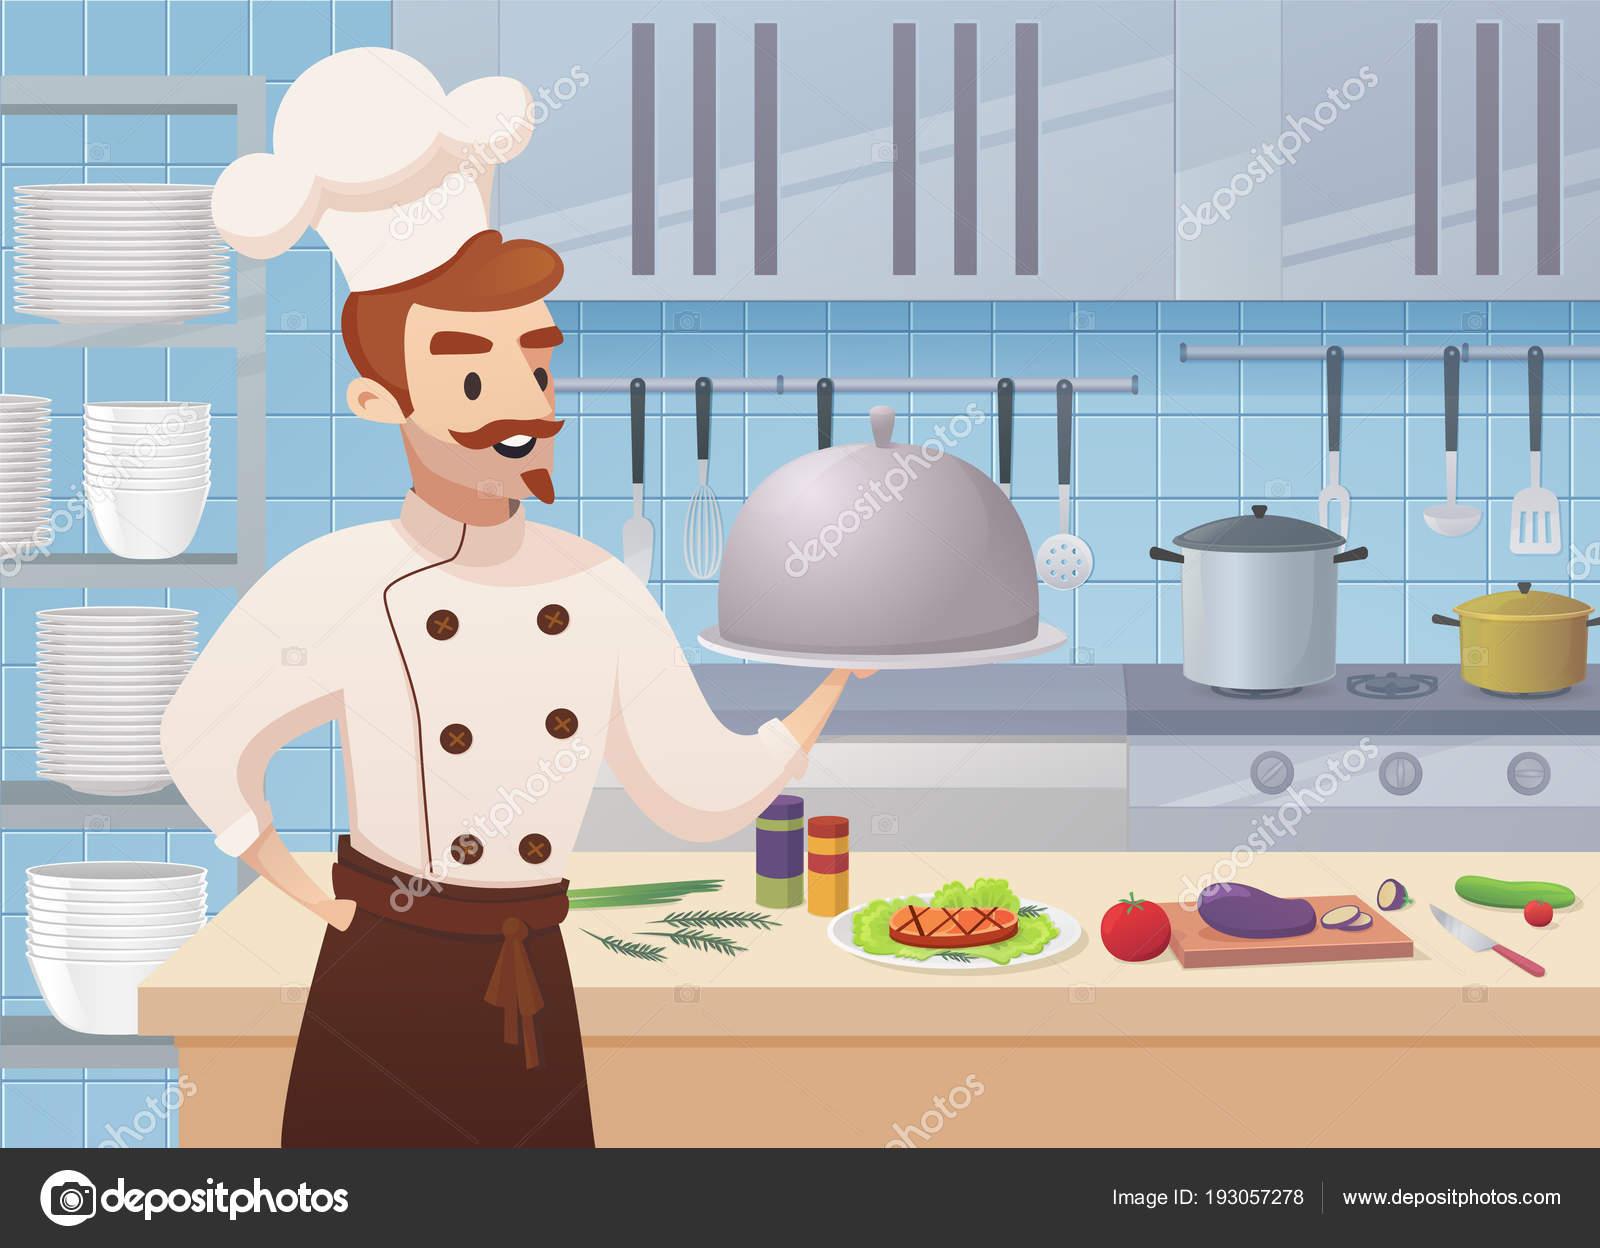 Imágenes: Cocinas Animadas